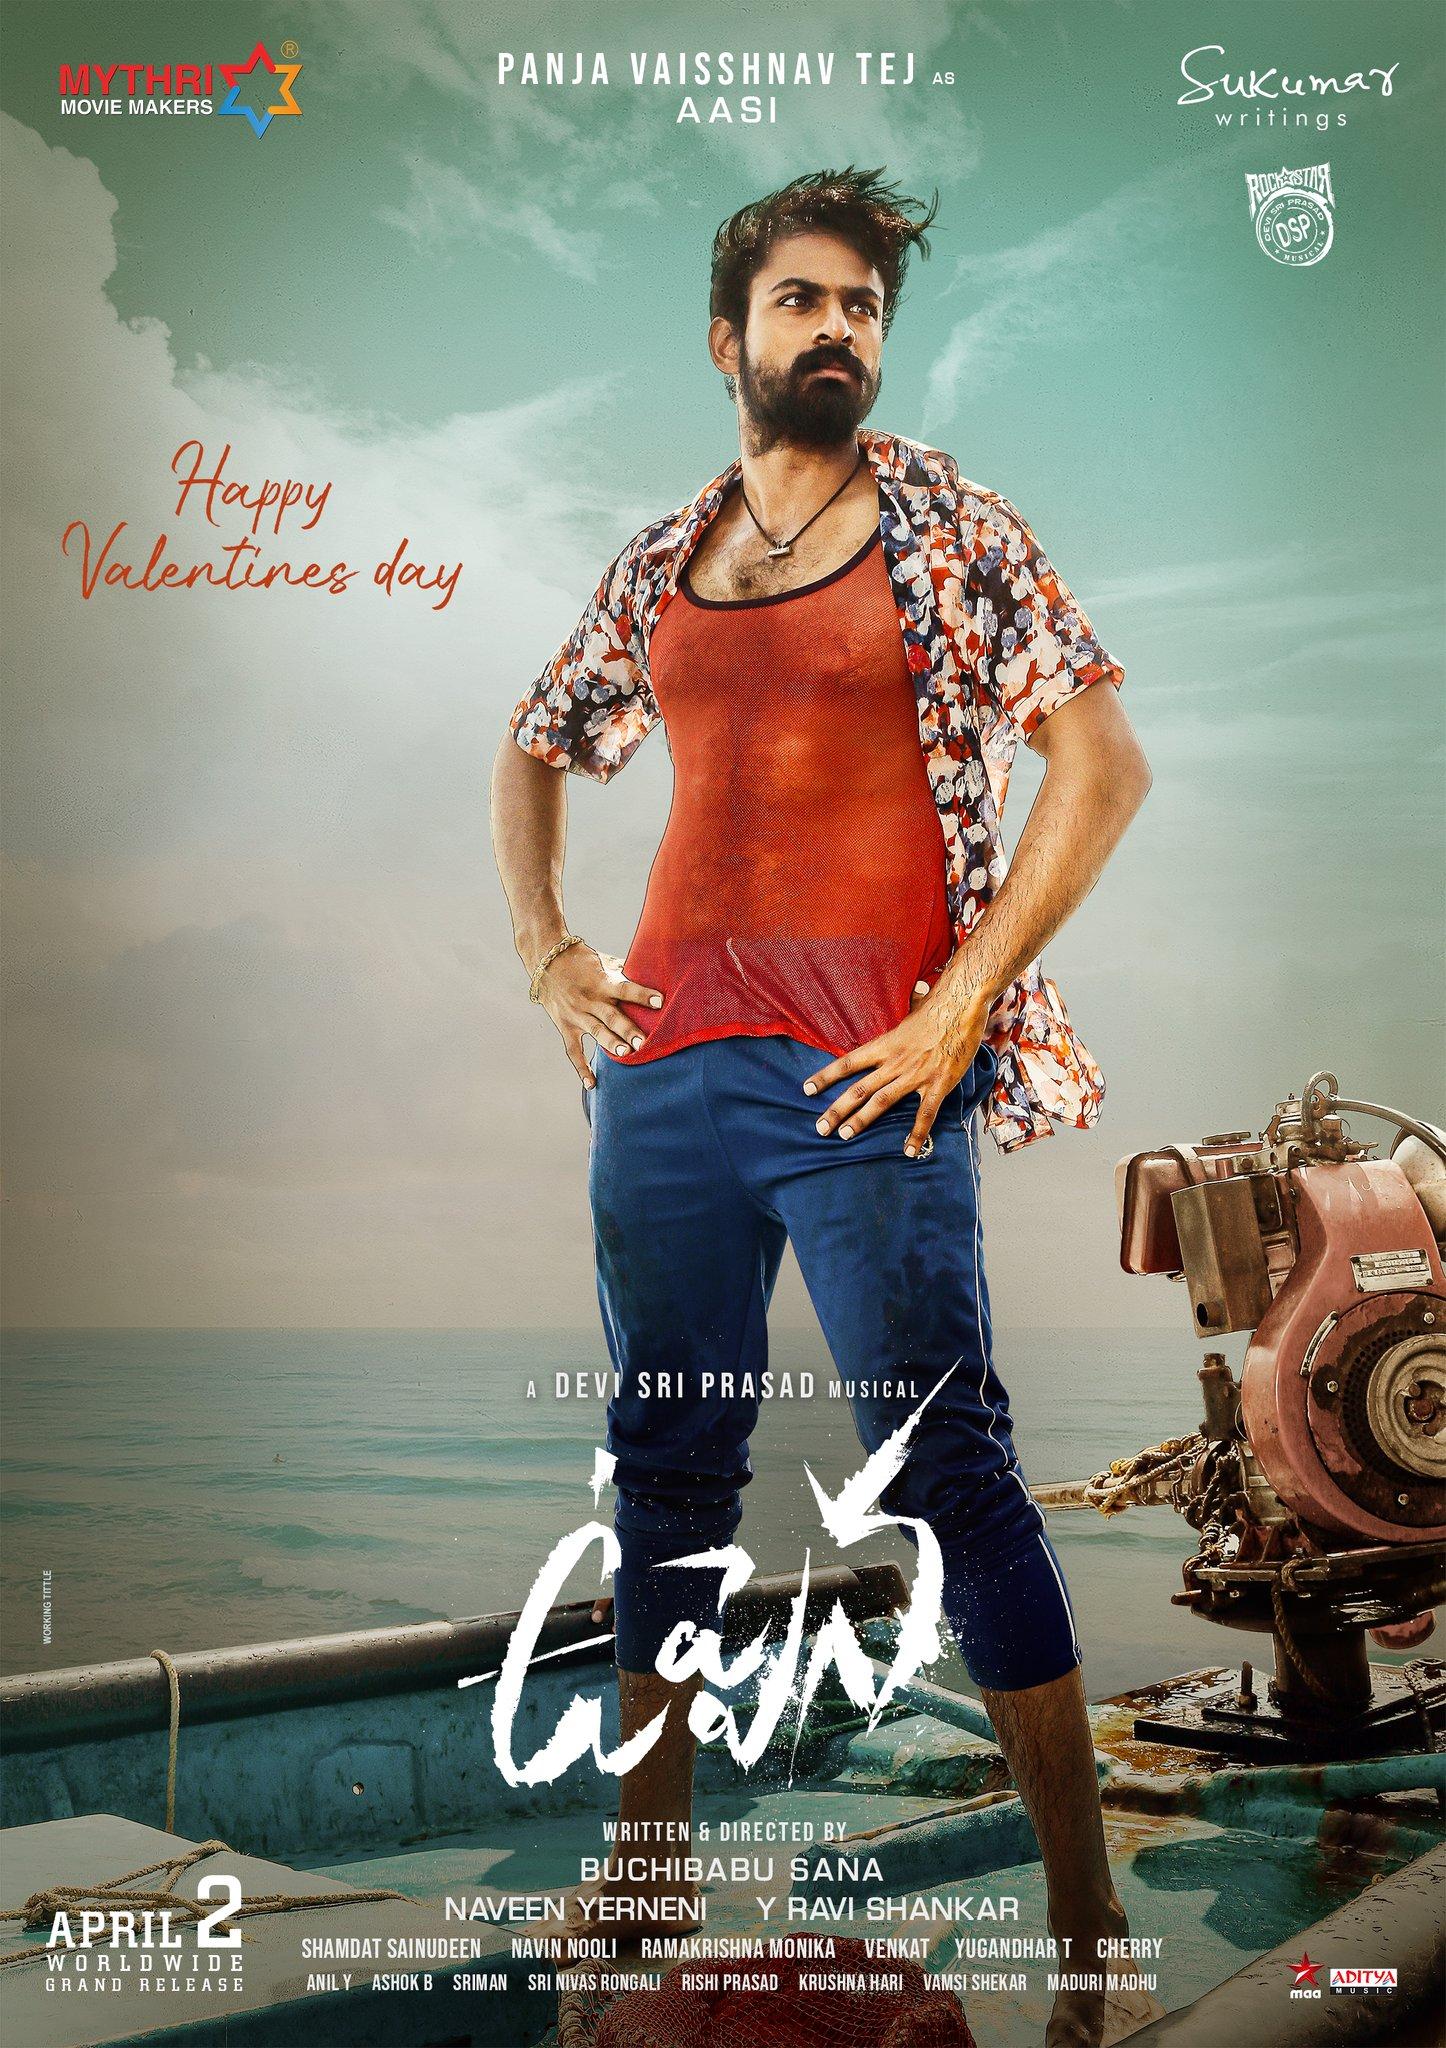 Actor Panja Vaisshnav Tej as Aasi in Uppena Movie First Look Poster Released